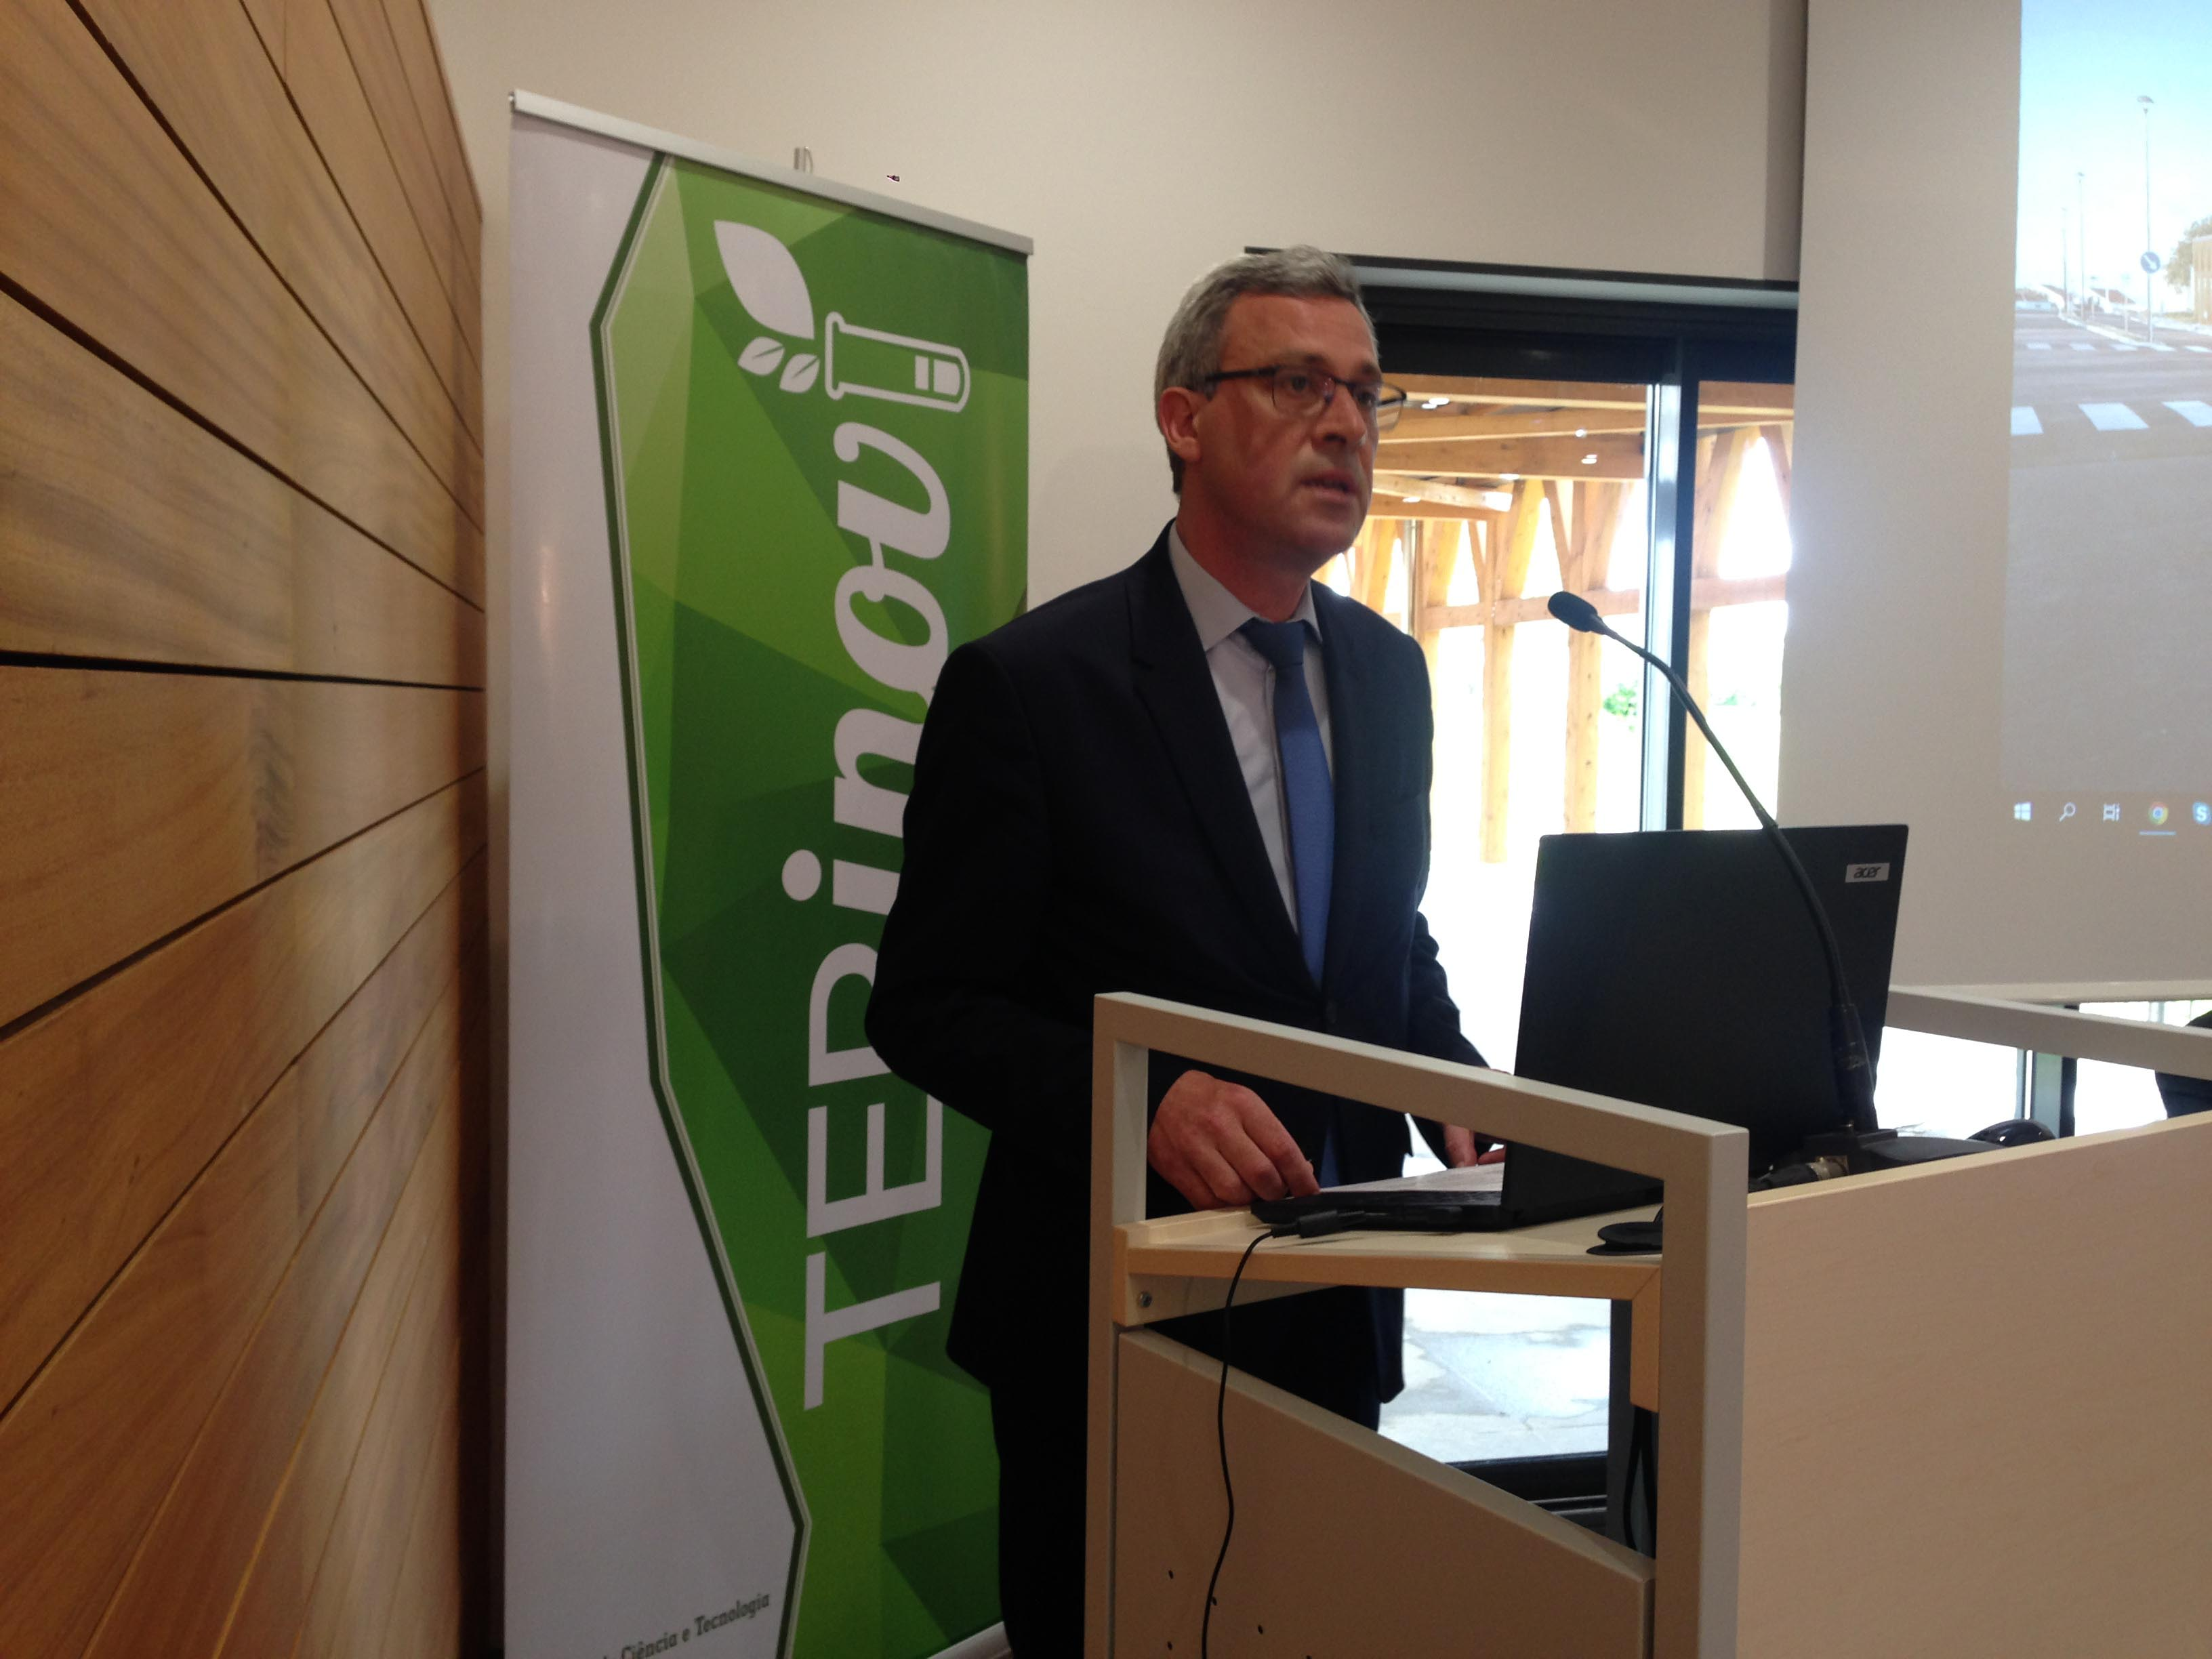 Açores estão no centro de acordos de cooperação científica e tecnológica com a Universidade de Massachusetts Lowell